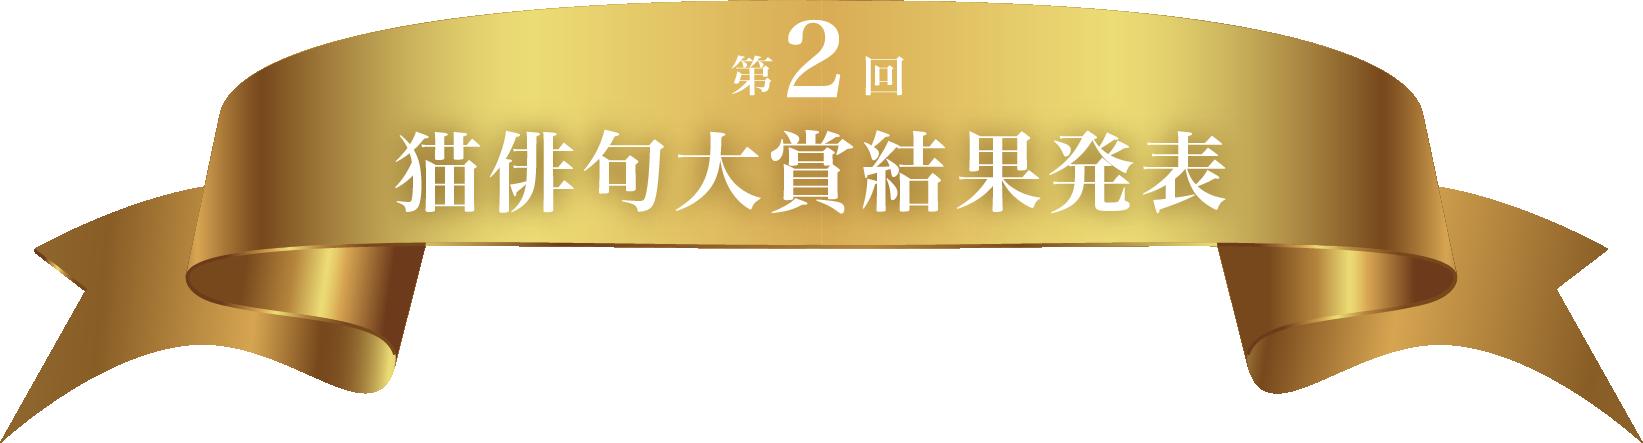 第2回 猫俳句大賞結果発表